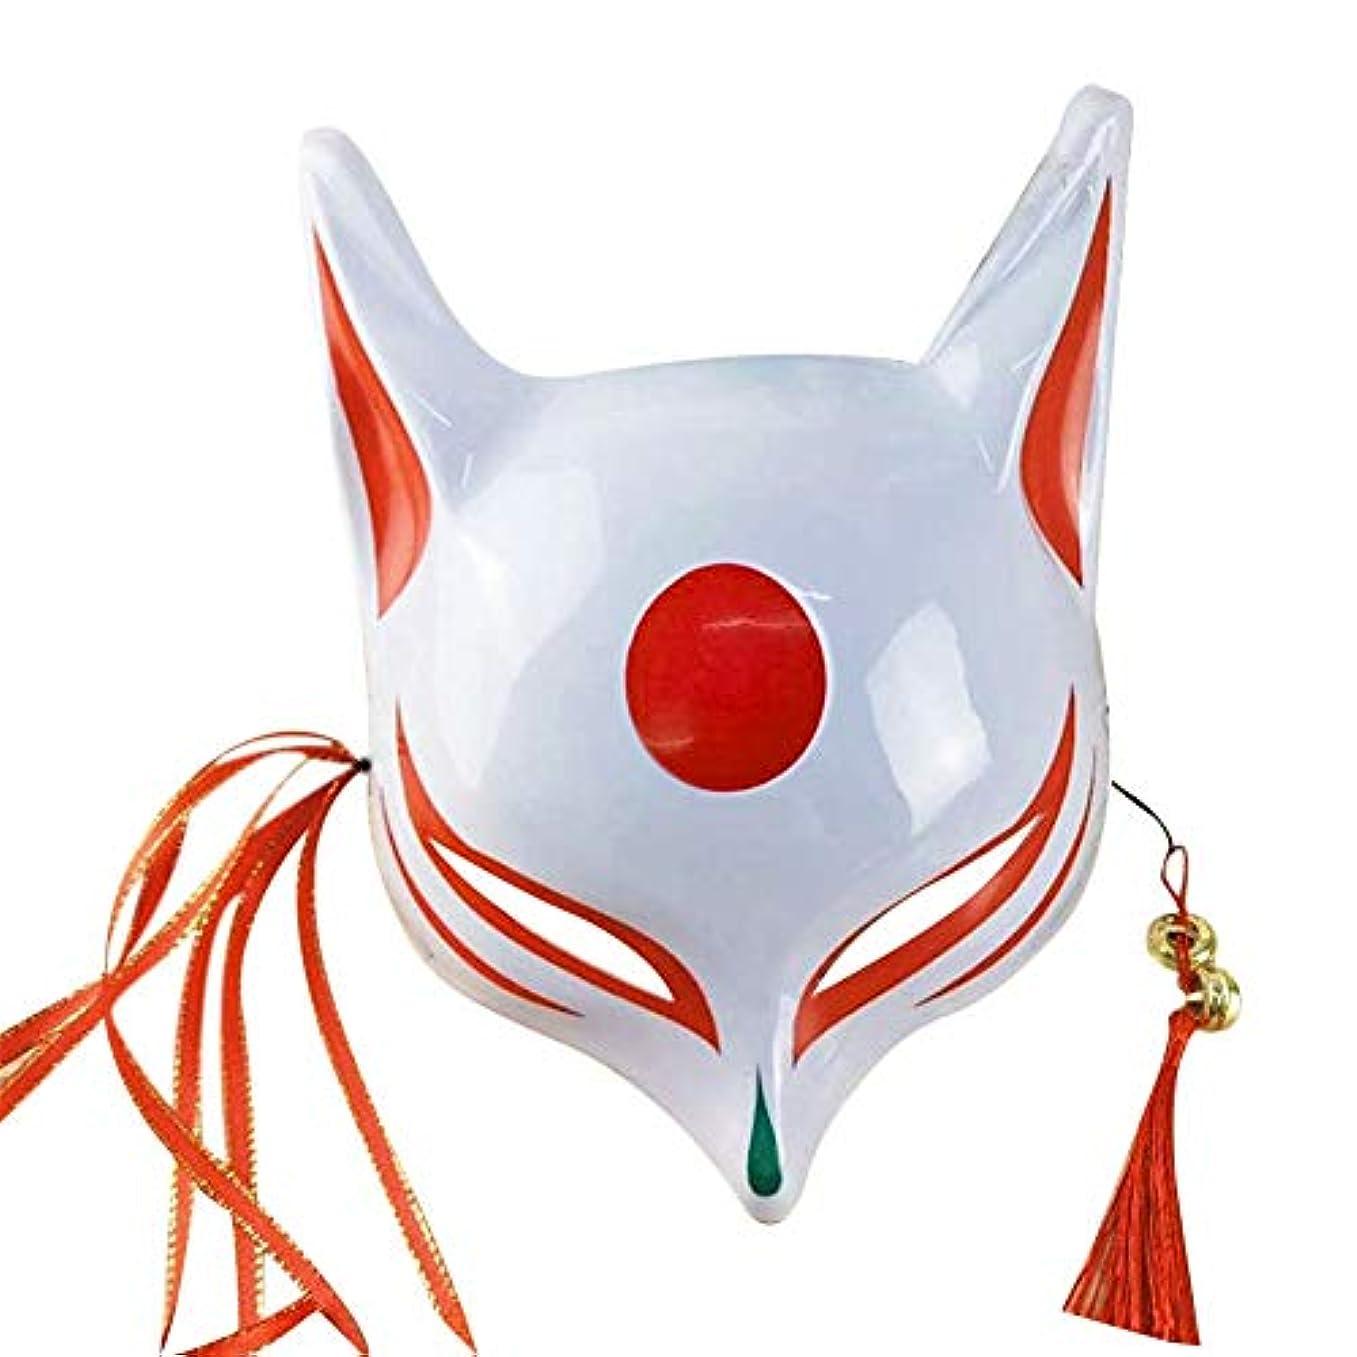 小川バリアスケジュールKISSION手描きのマスクフォックスハーフフェイスマスクロールプレイ仮装ドレスアップ マスクバーパーティー キツネの妖精の半分の顔 和風の手描き